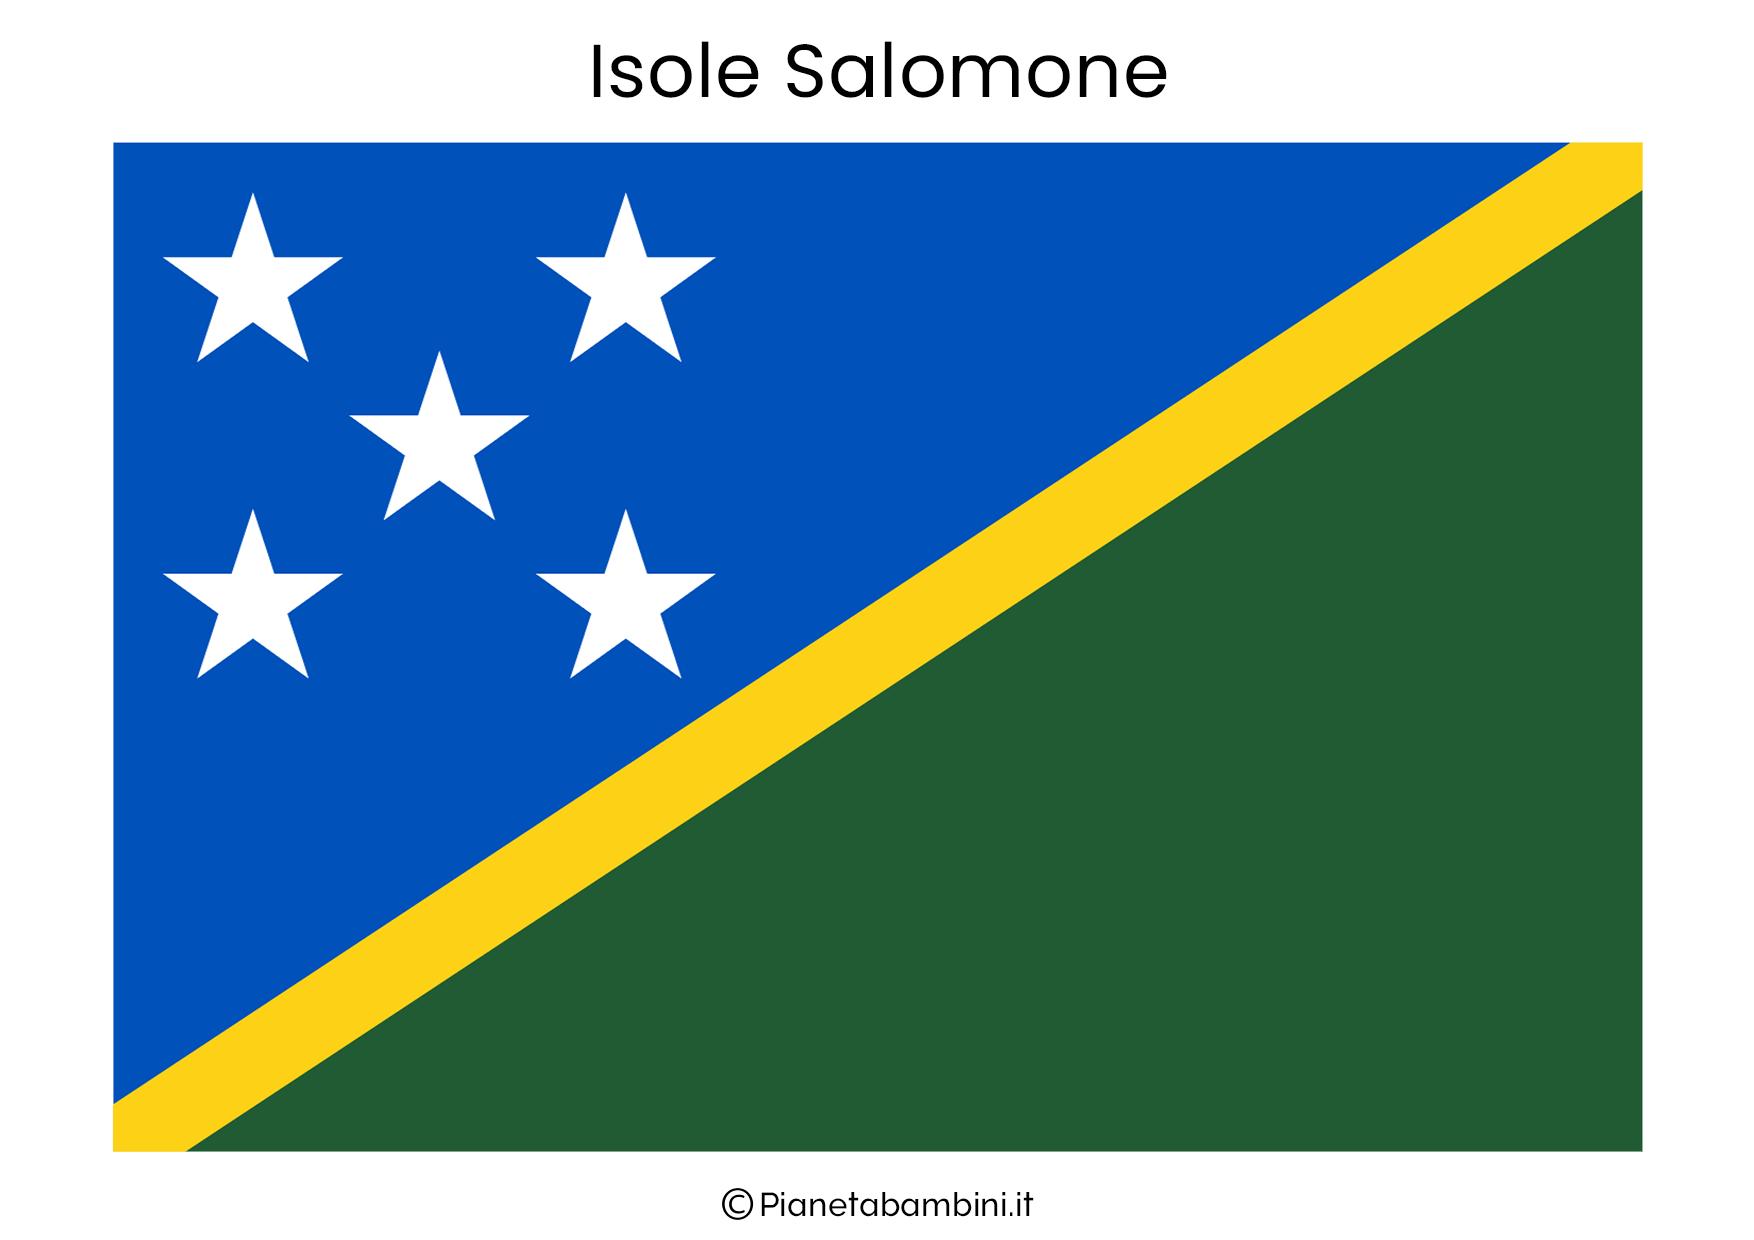 Bandiera delle Isole Salomone da stampare